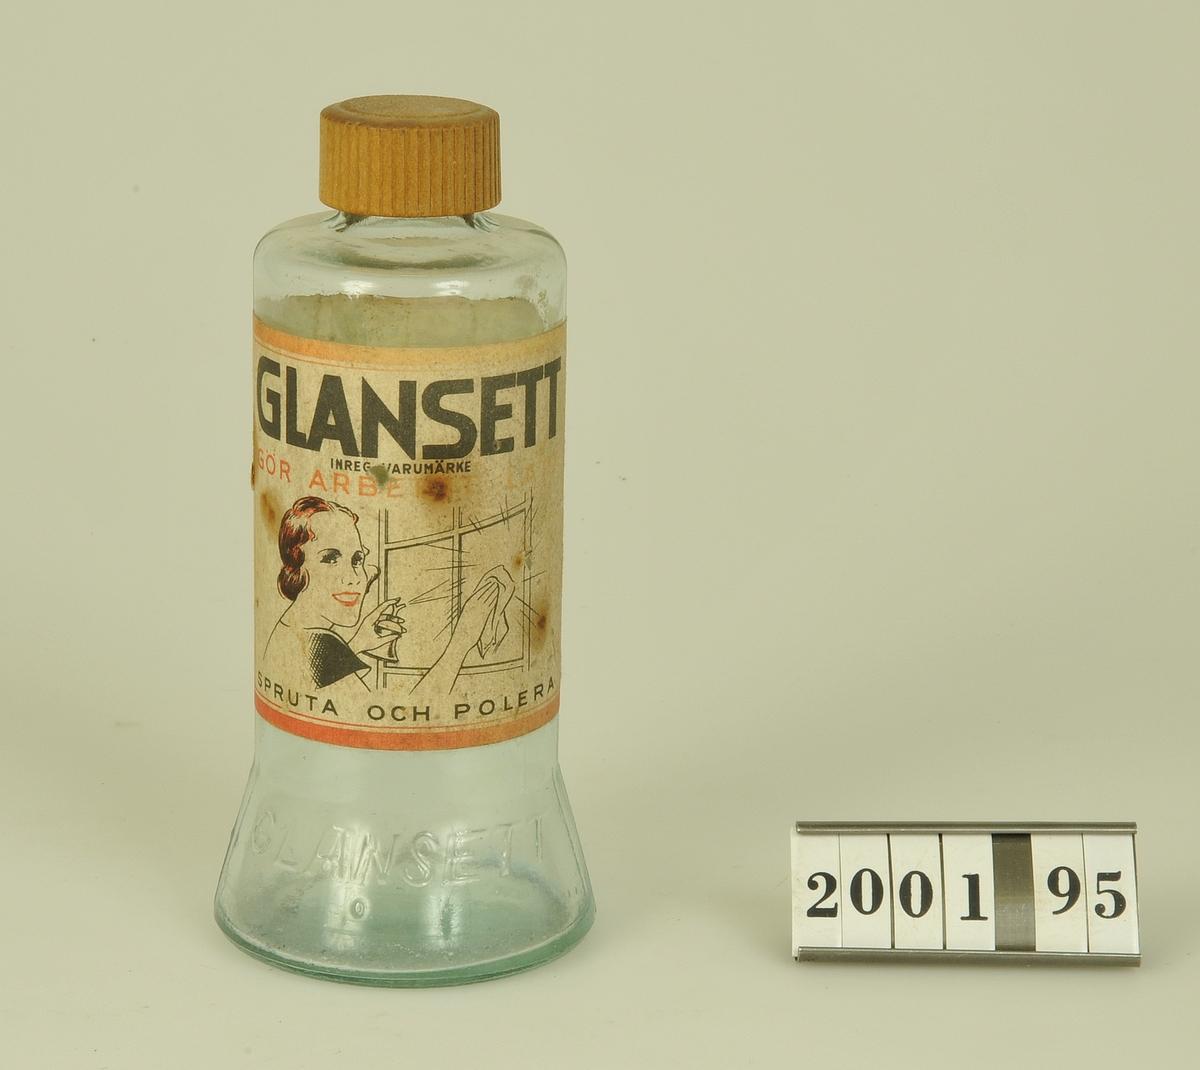 Har innehållit Glansett fönsterputs. Bruksanvisning på etiketten som sitter runt flaskan. Flaskan är utvidgad nertill.